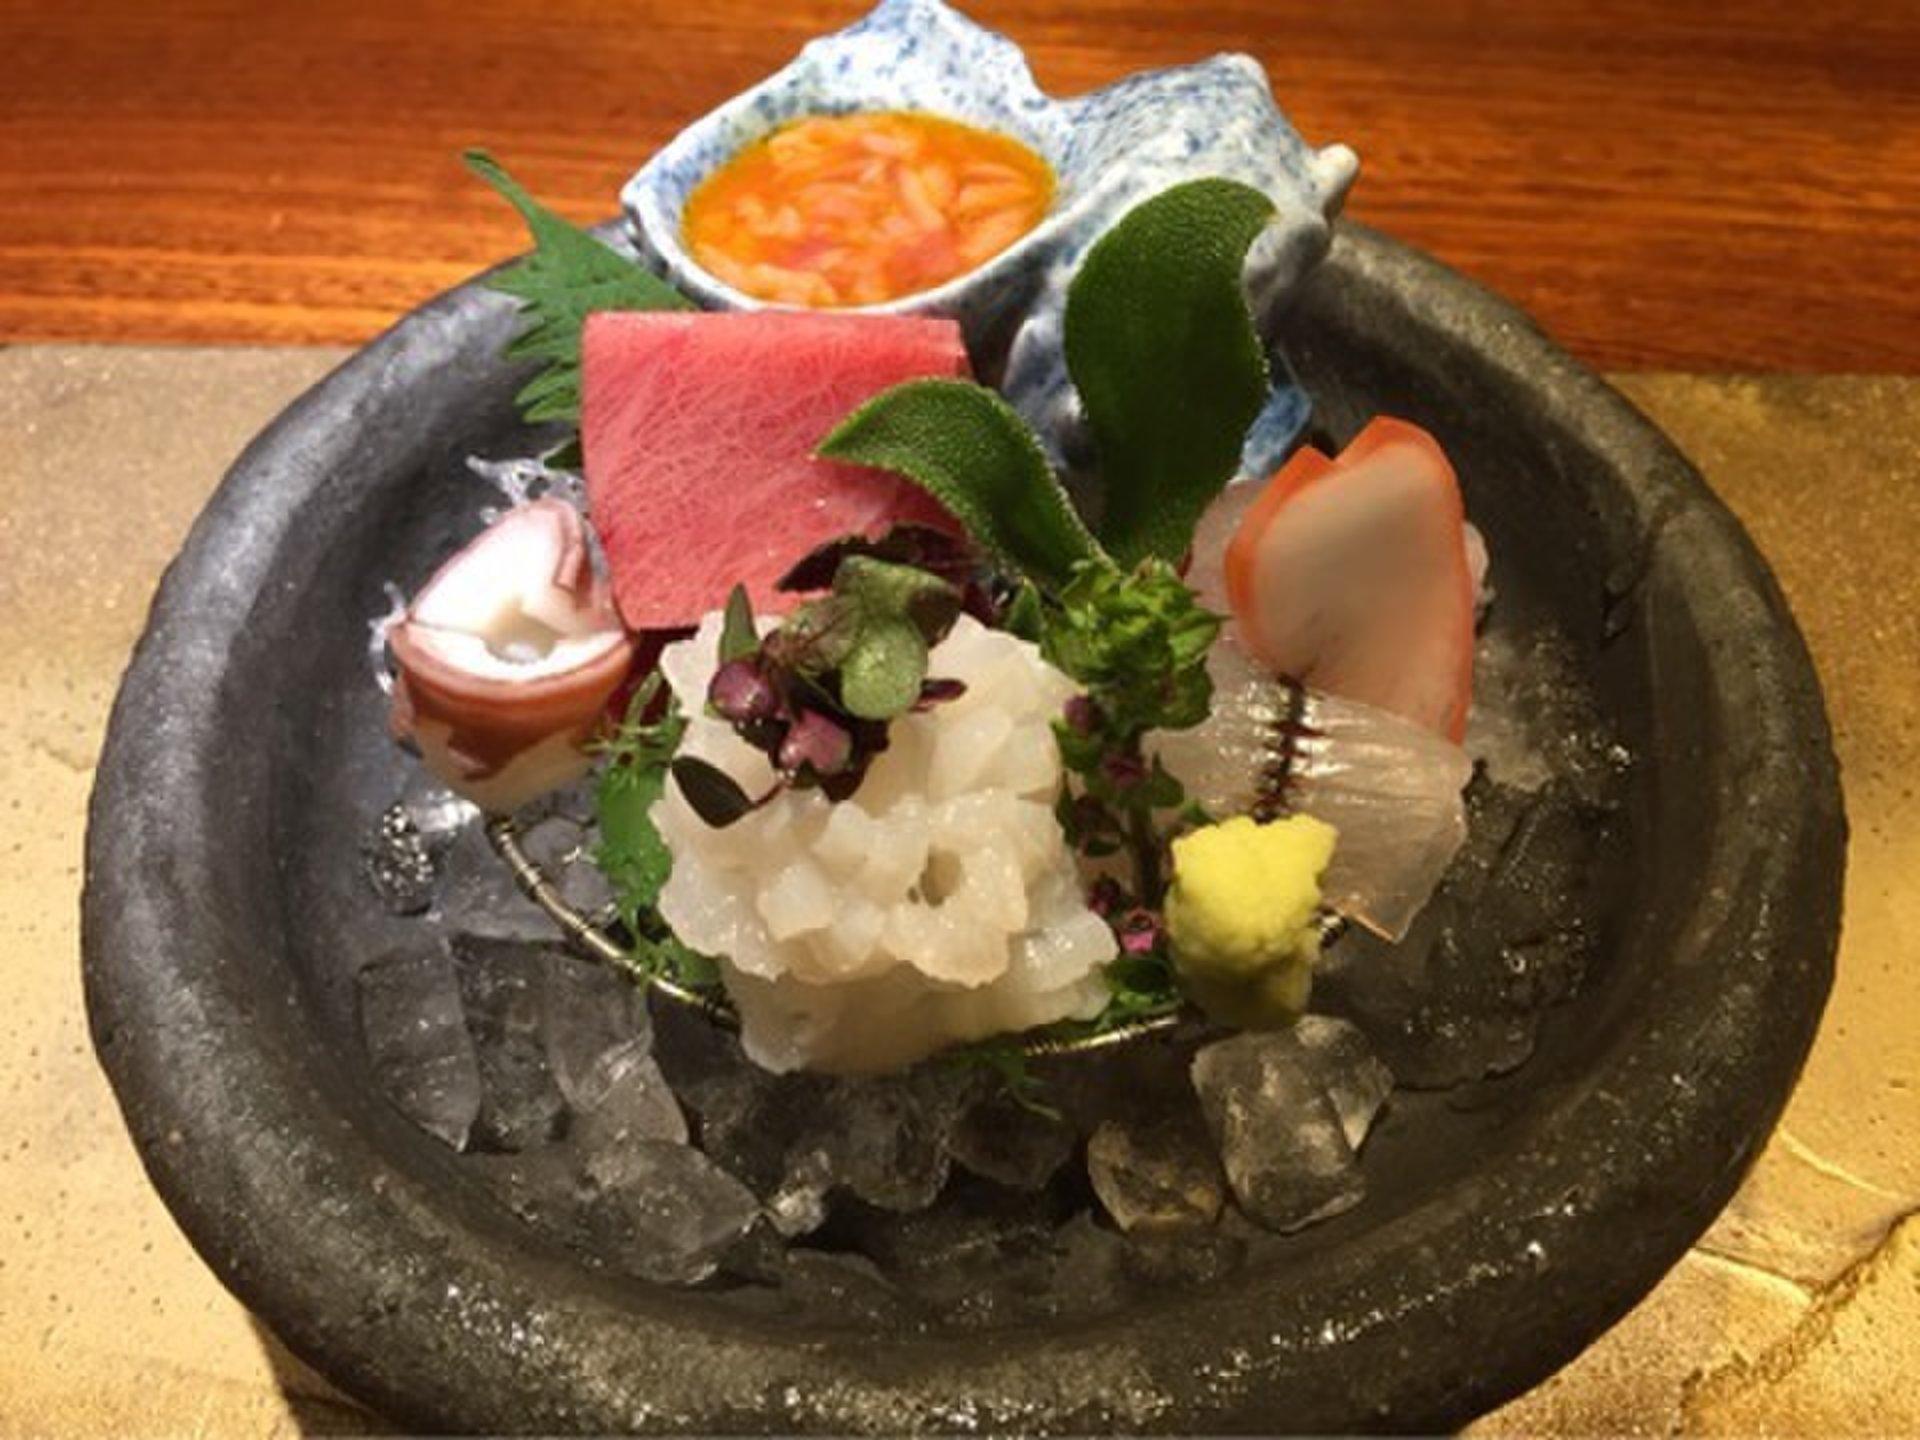 神泉【円山町わだつみ】で最高の和食を♪京都のような雰囲気で優雅な時間を過ごしませんか☆